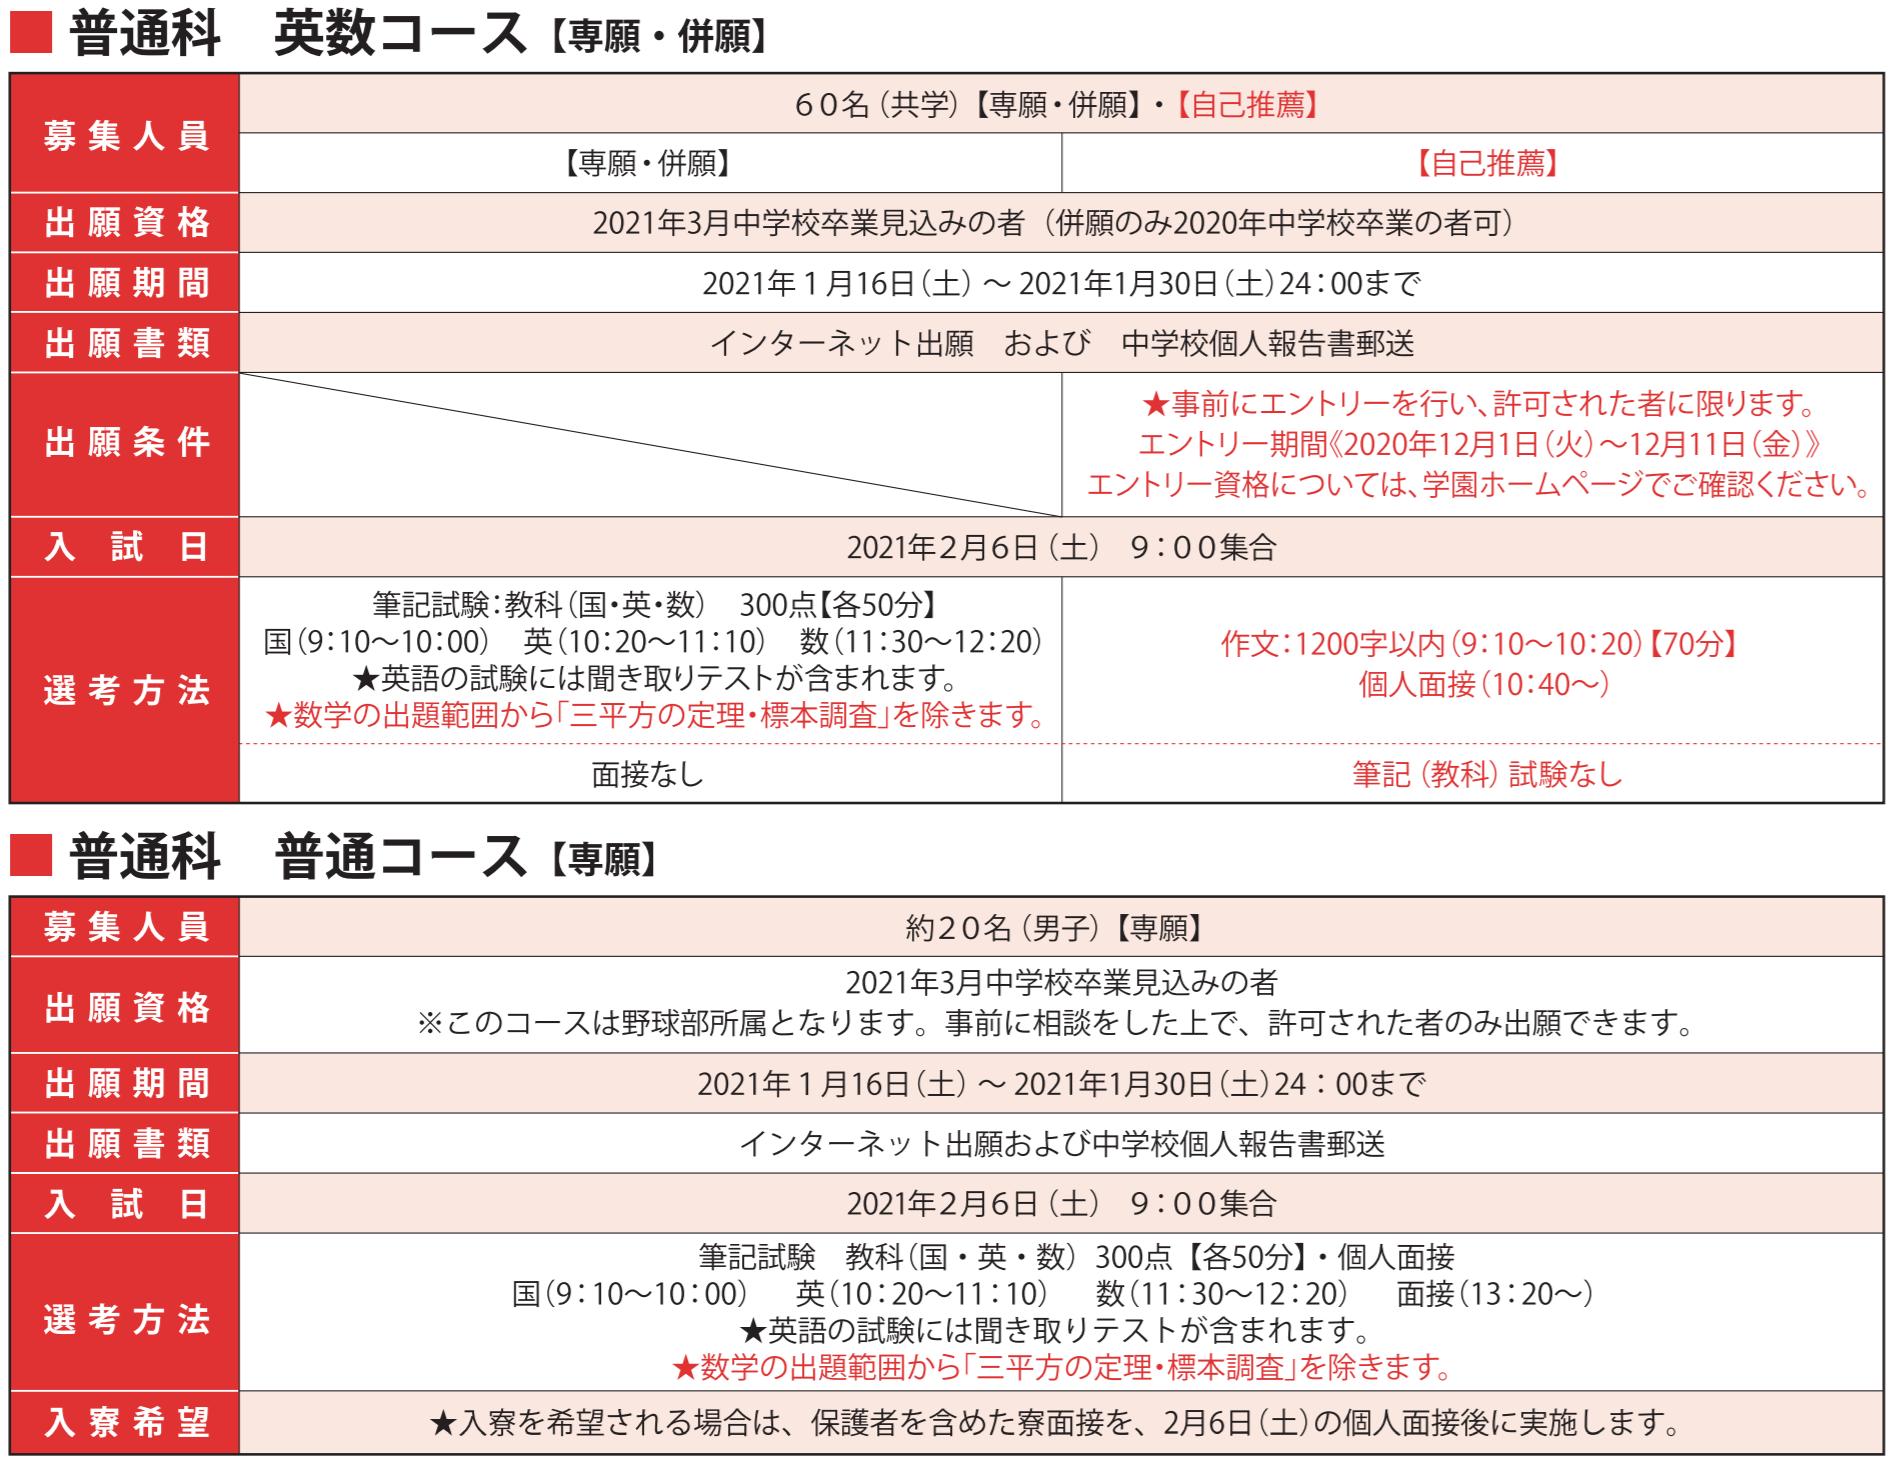 【高等学校】入試(専願・併願・自己推薦)の出願を受け付けています。